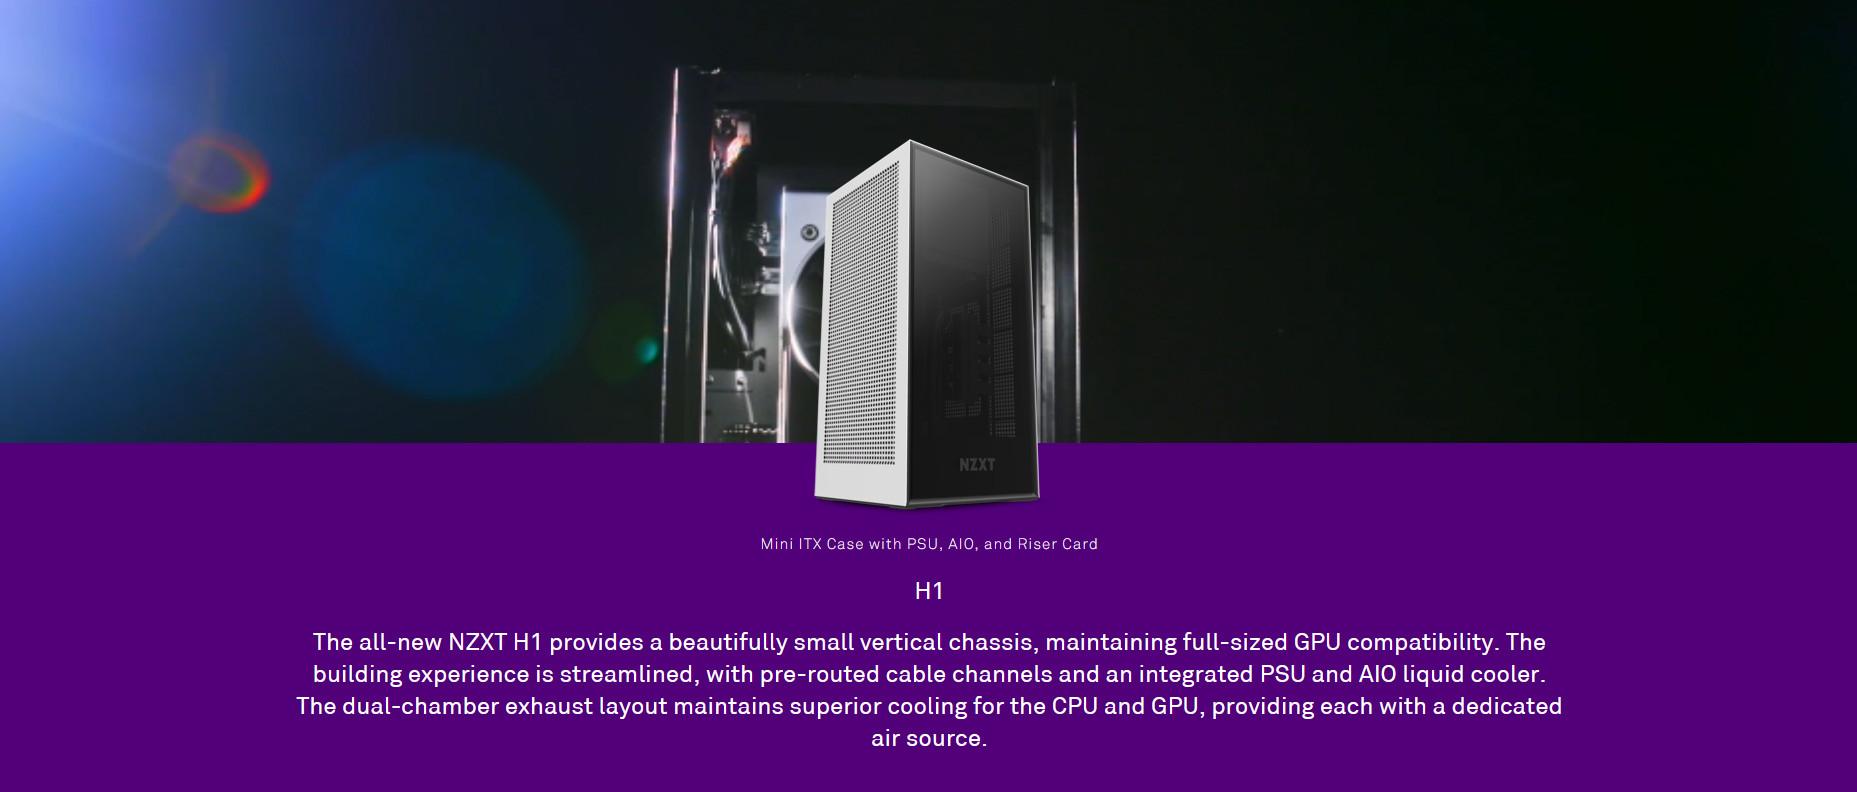 NZXT H1 (Mini Tower/Màu Đen) giới thiệu 4